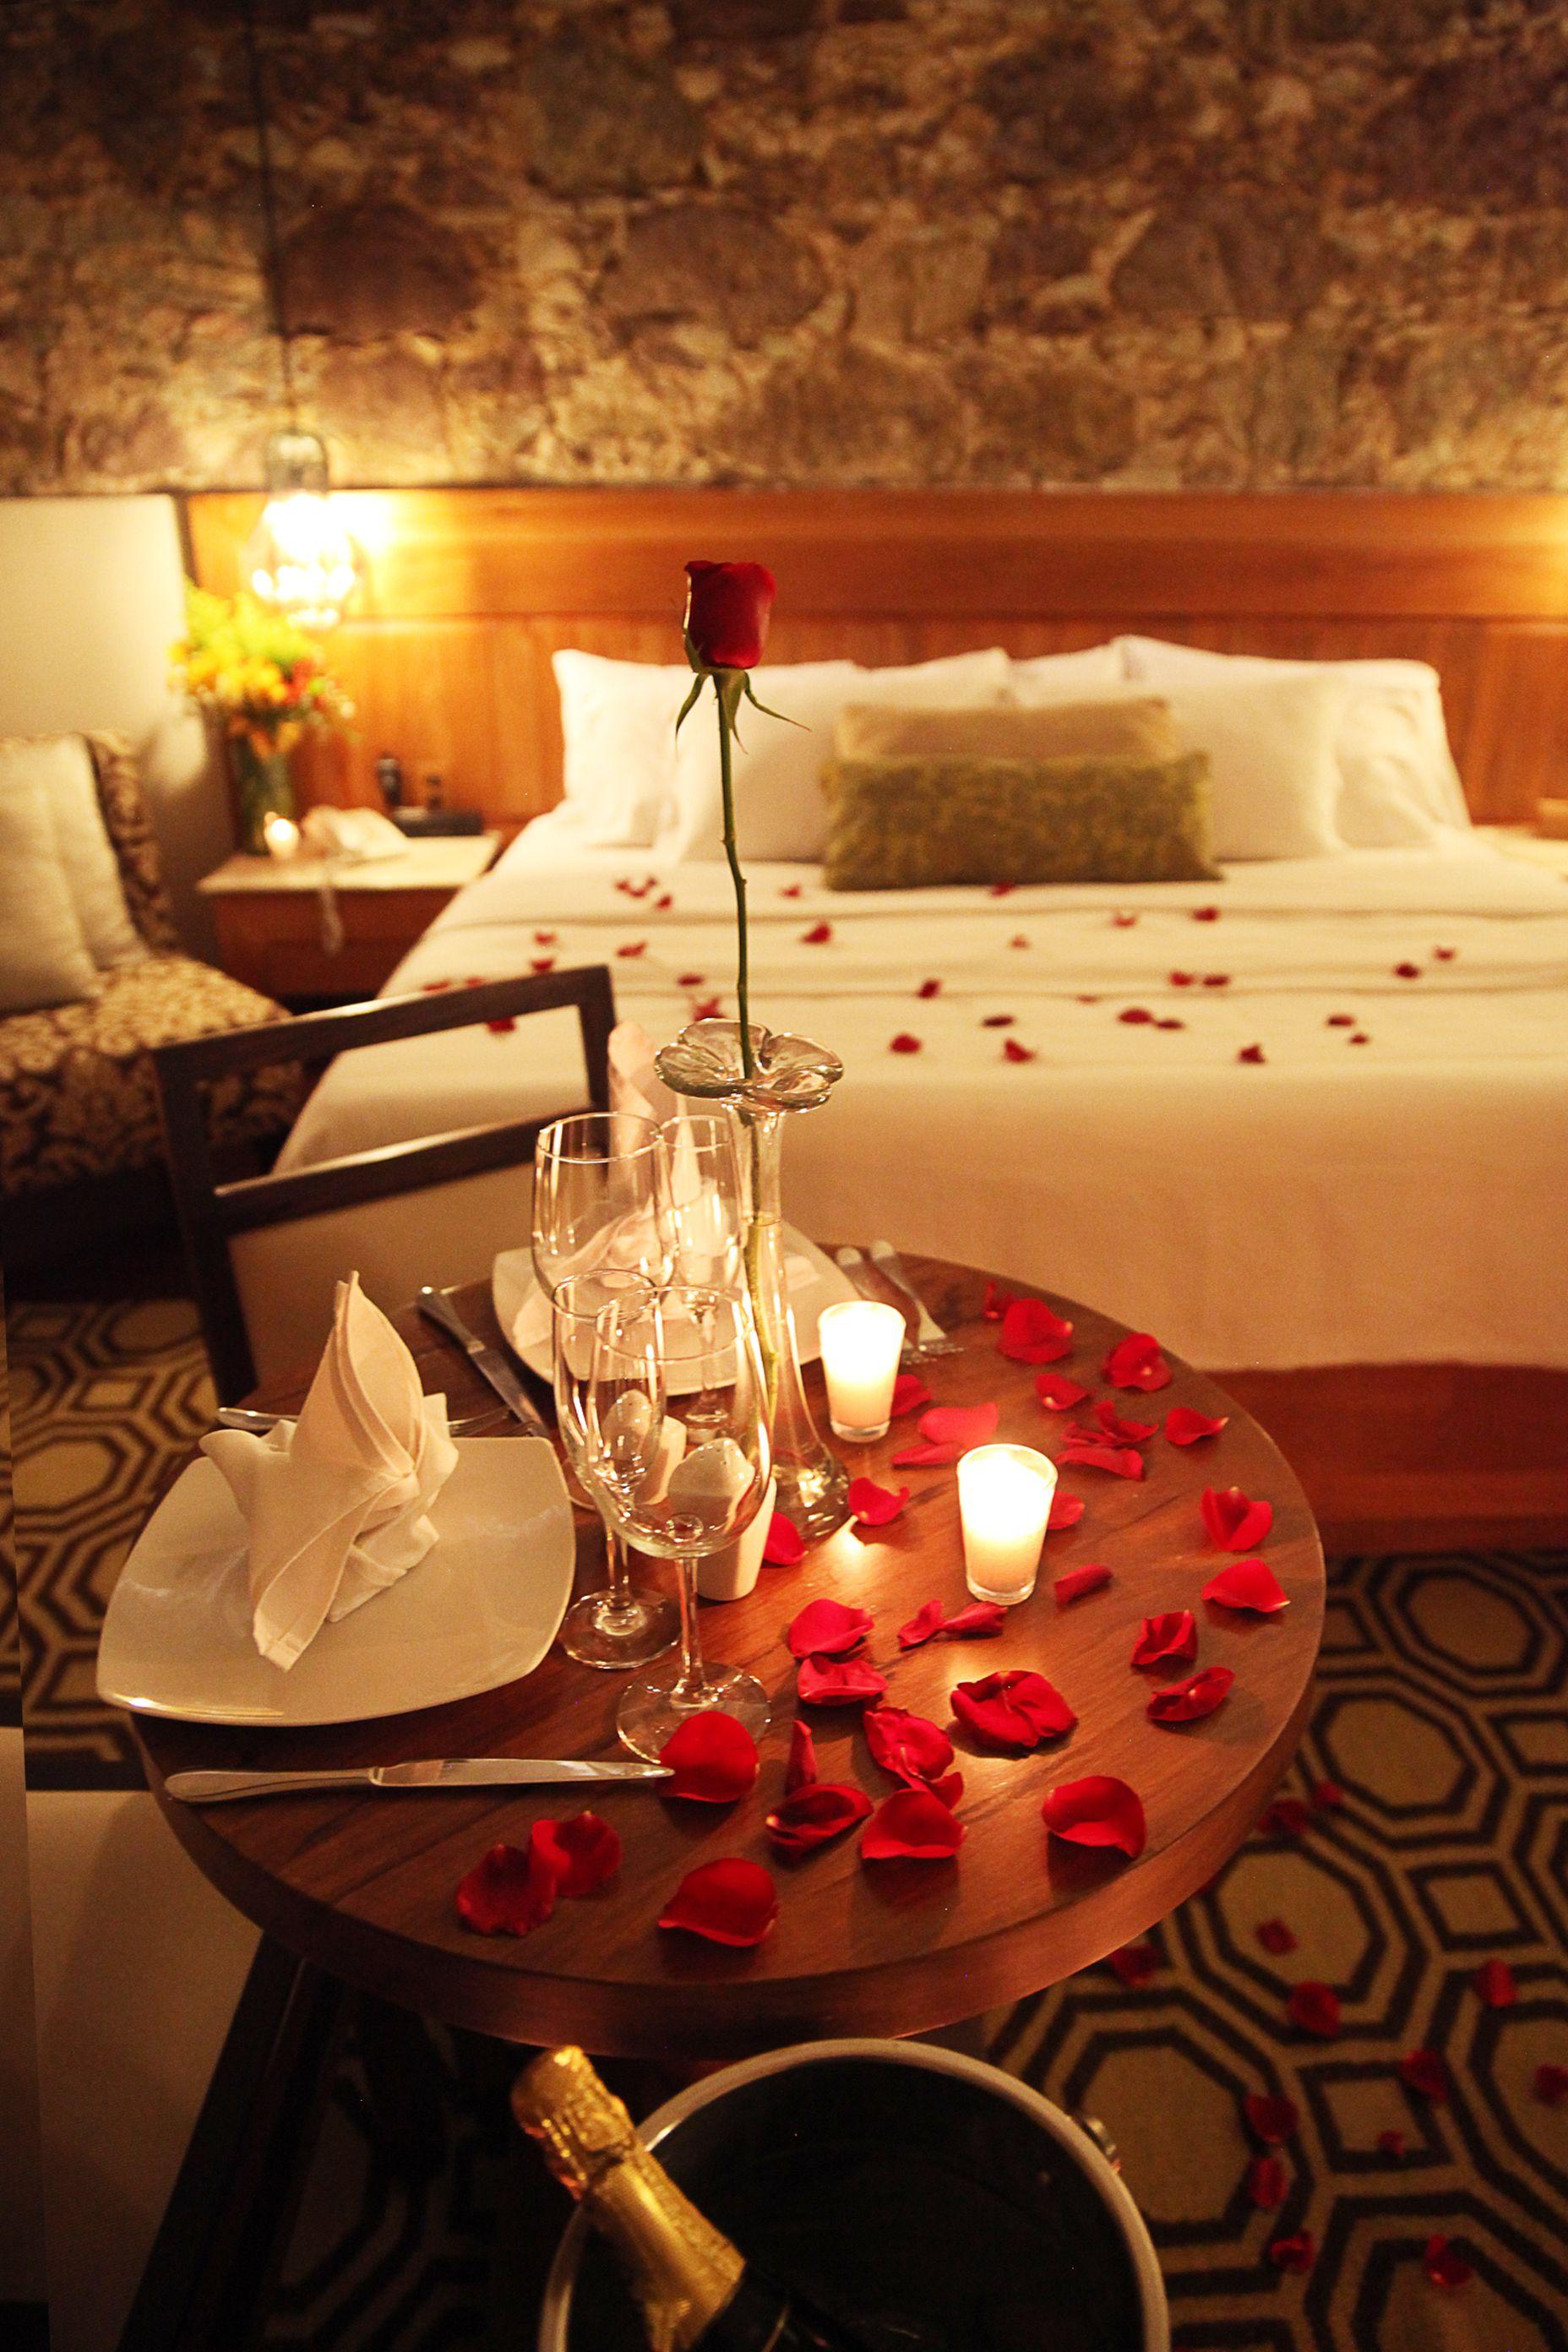 Informazione: Cena Romantica A Letto